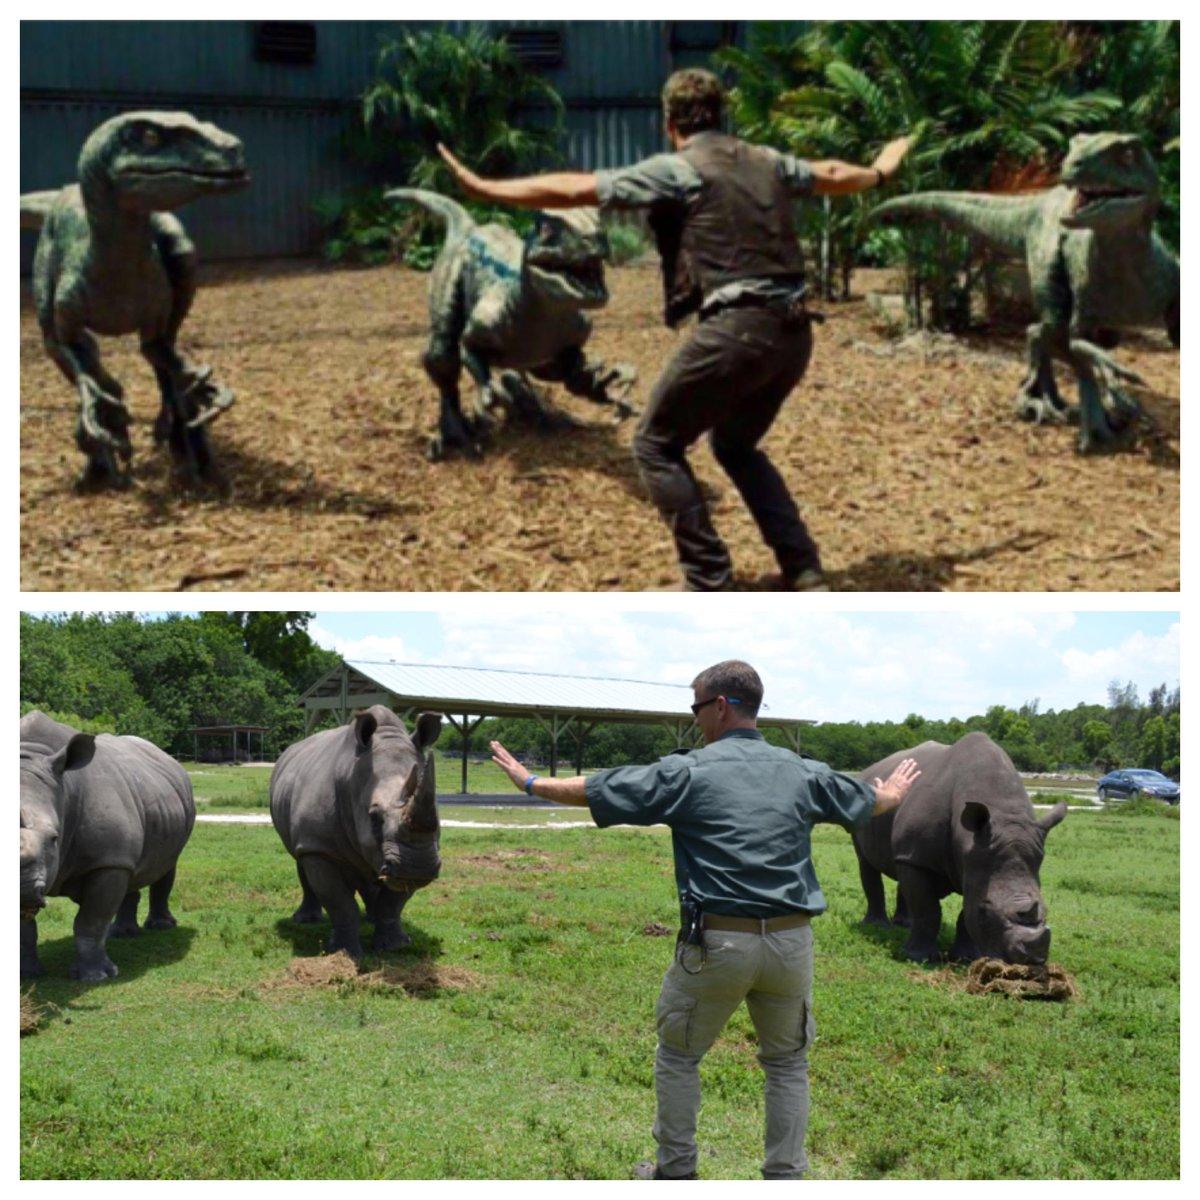 Cười đau bụng với hình ảnh nhái phim Jurassic World của các nhân viên vườn thú - 77708